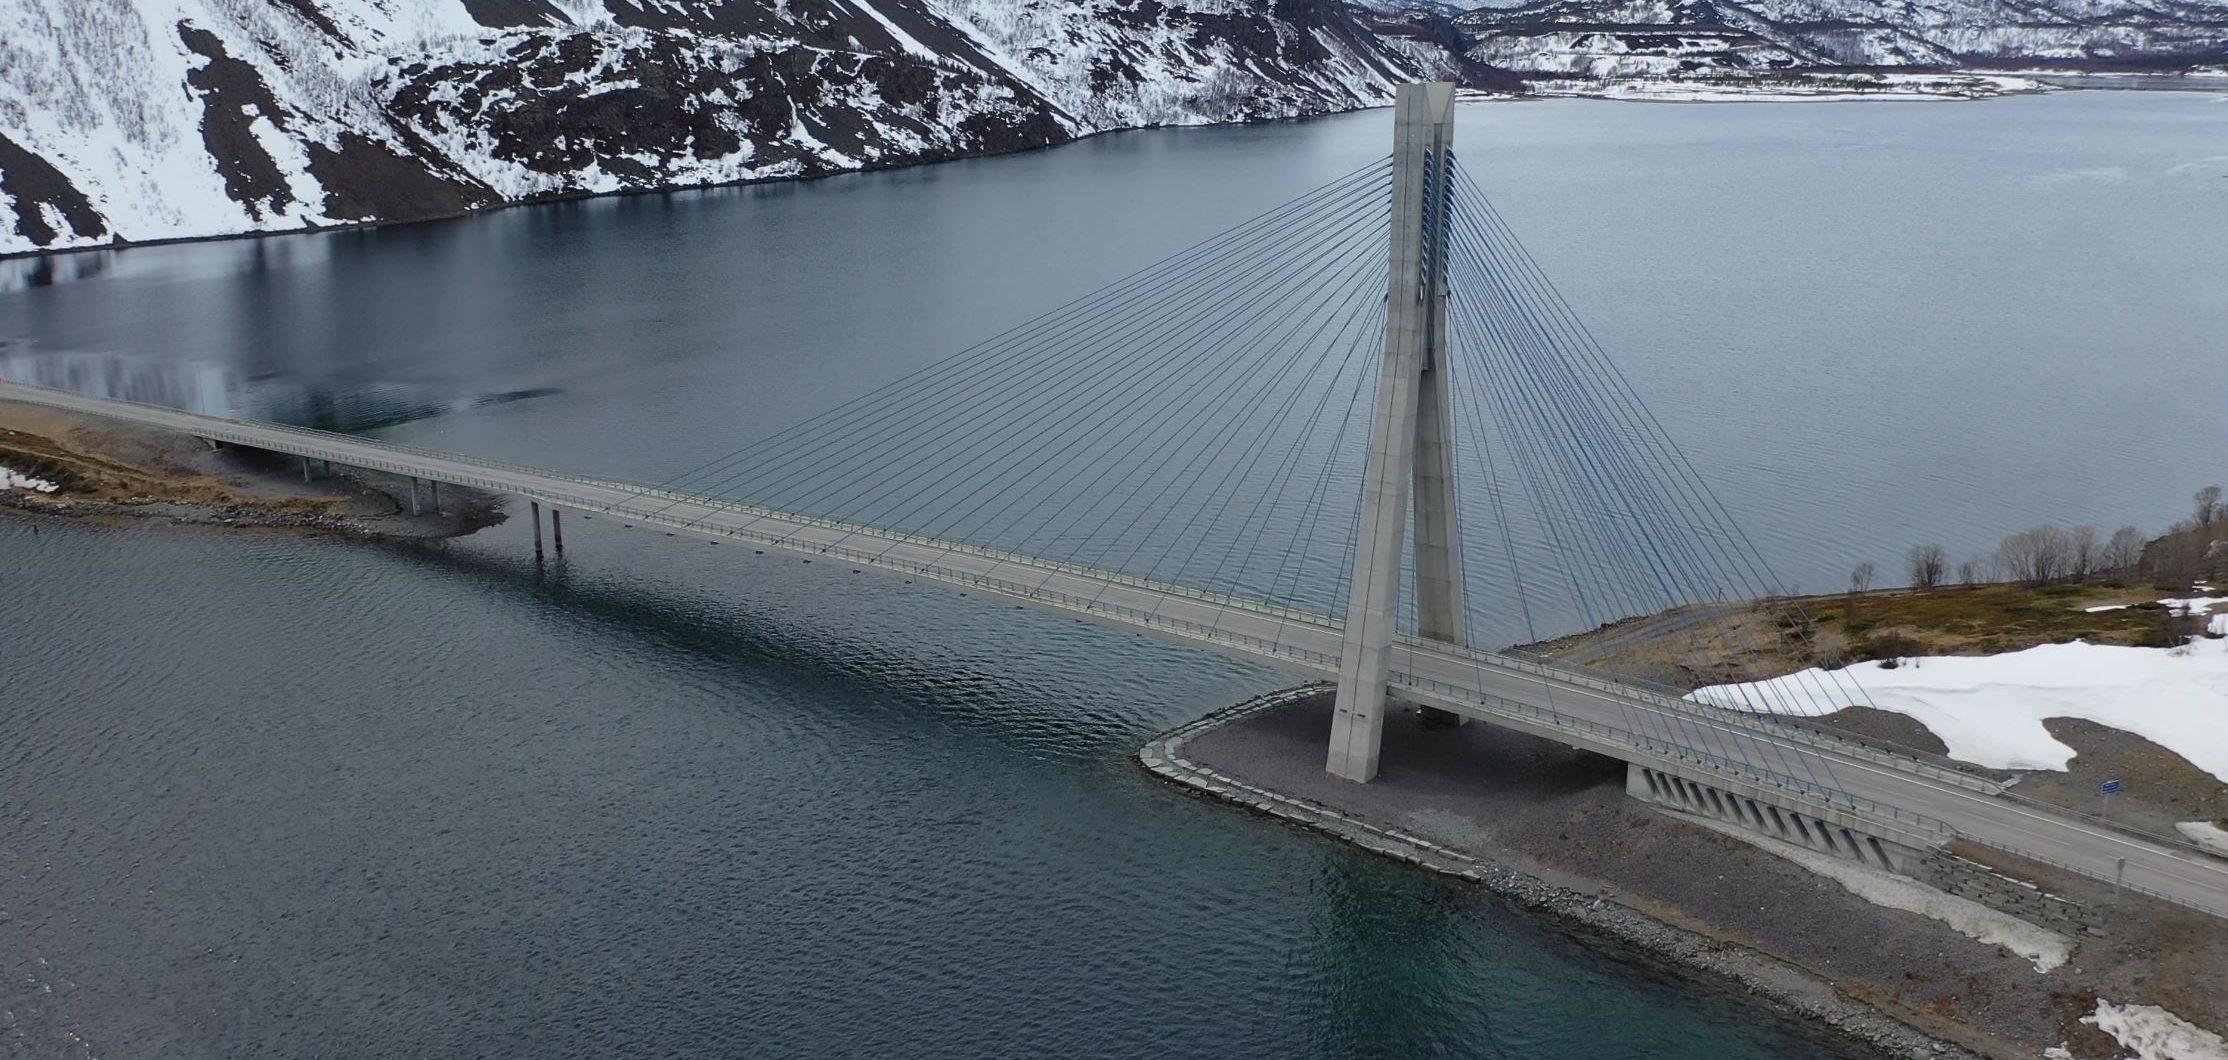 Kåfjordbrua på E6 i Alta kommune. Foto: Frode Lyng Hansen, Statens vegvesen.